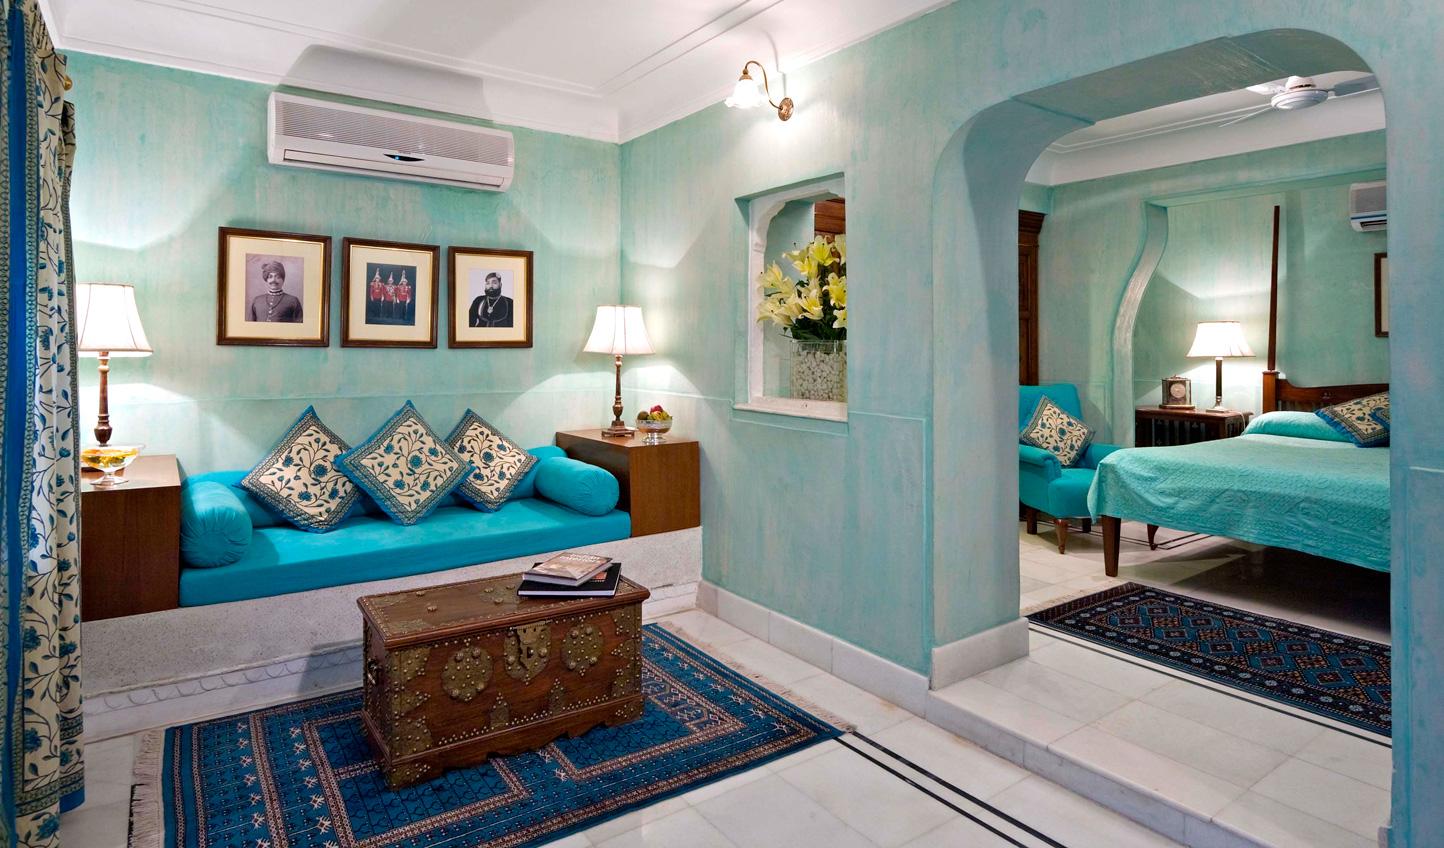 Individual design runs through each guest room